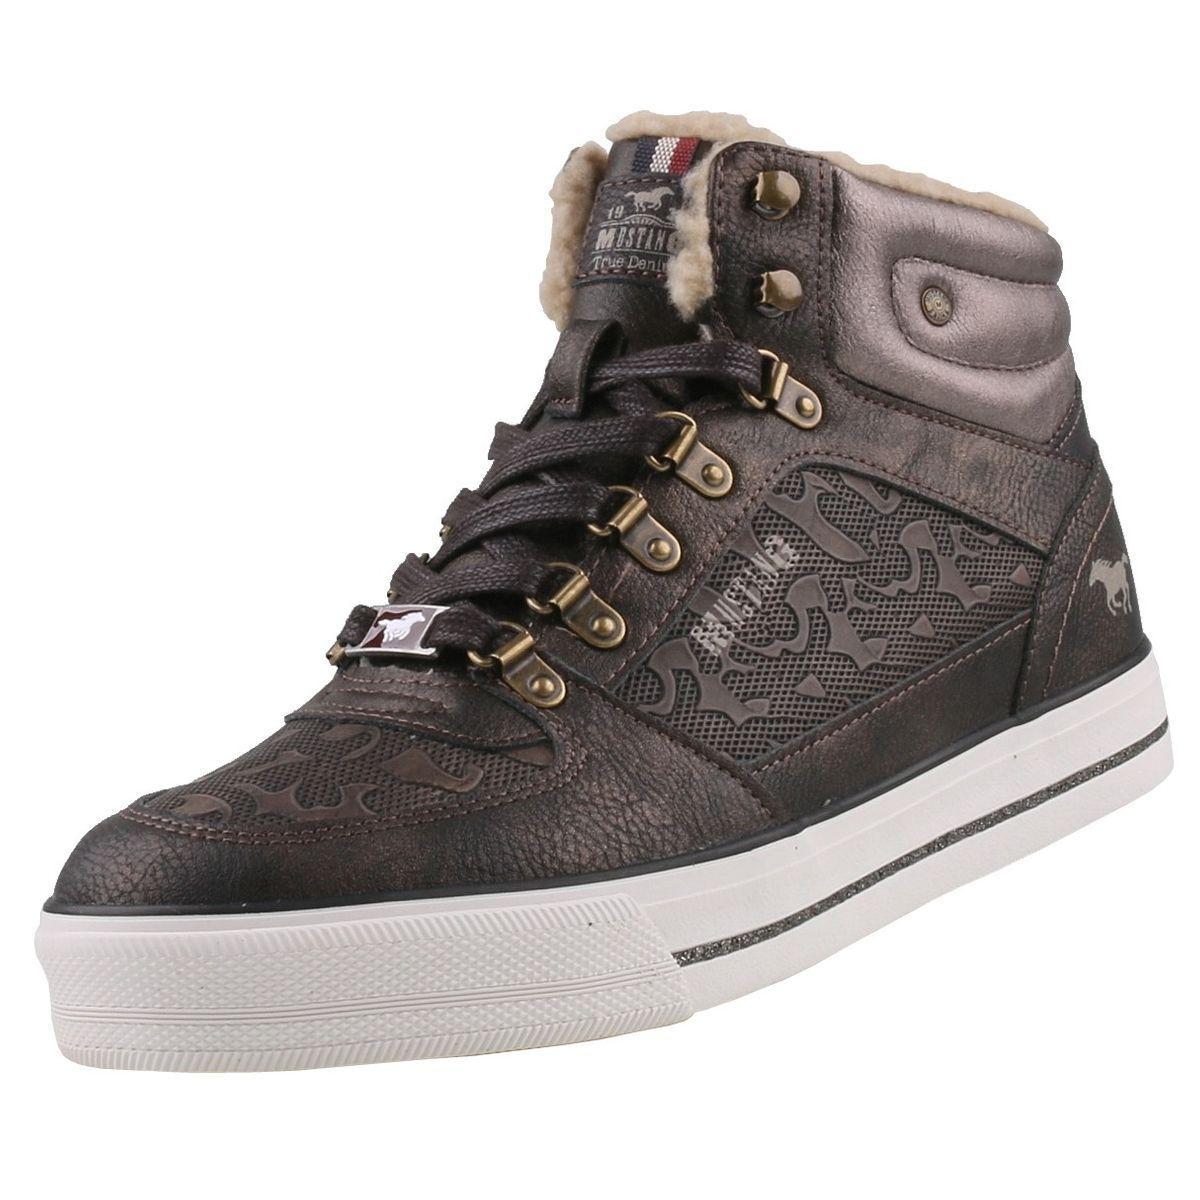 Nuevo zapatos  señora zapatos  HighTop Mustang zapatos  HighTop  cortos forradas botas botines 4812ac